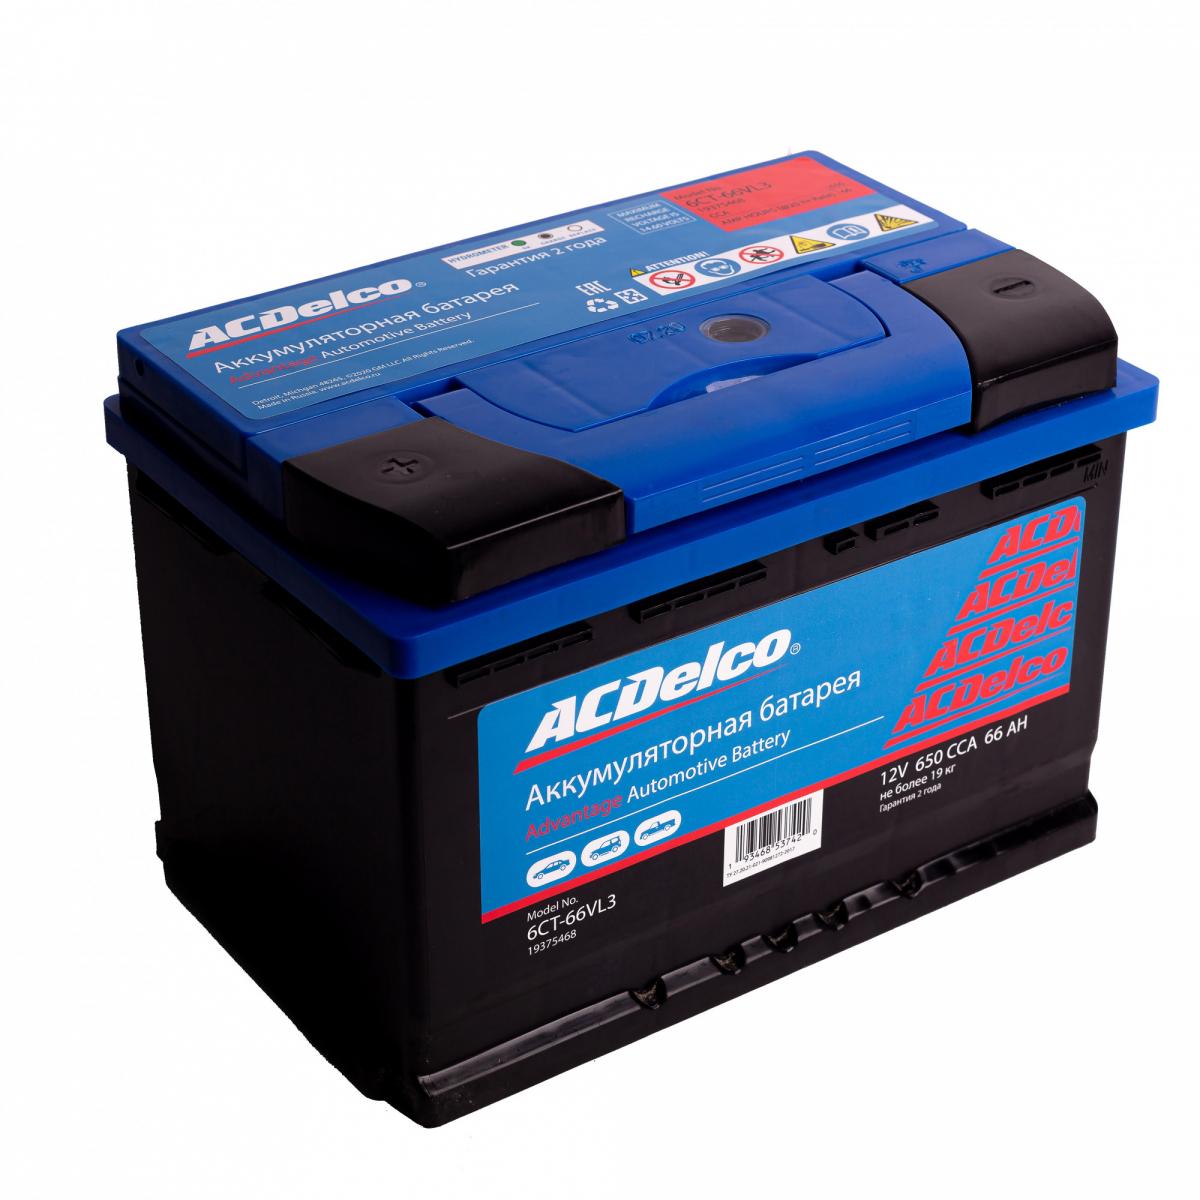 Аккумулятор ACDelco 66 А/ч прямая L+ EN650 А